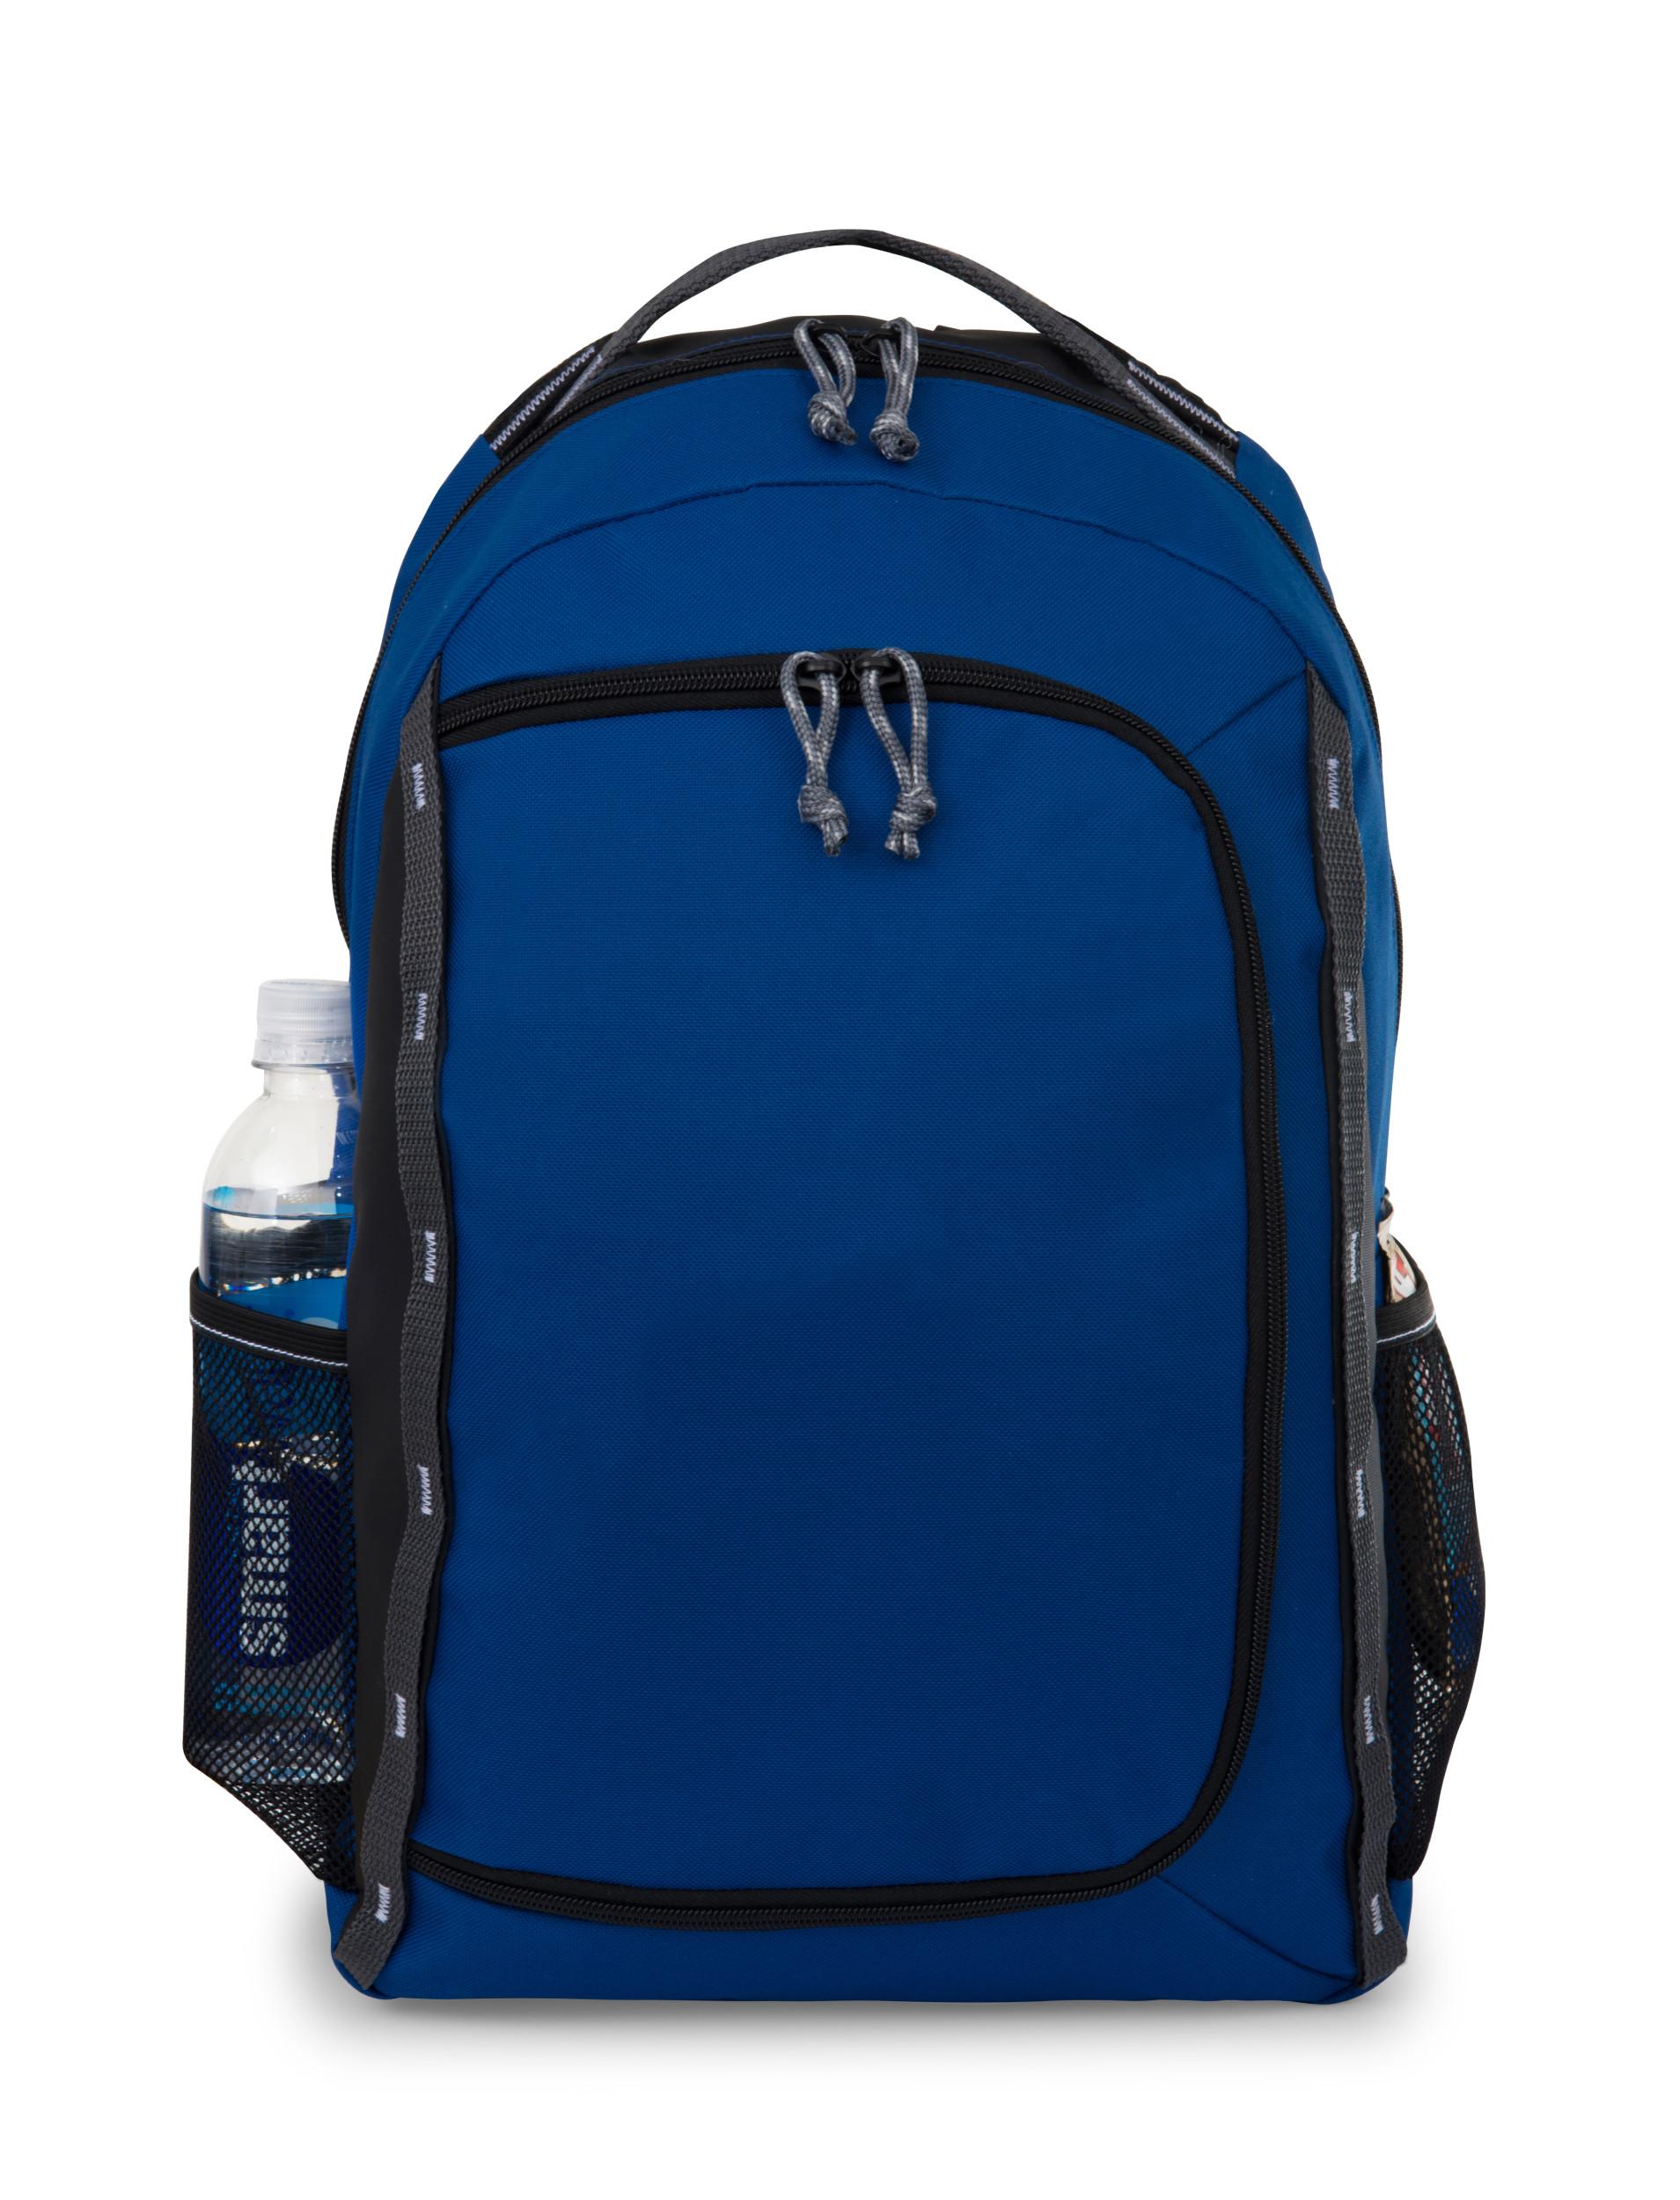 Gemline 5149 - Altitude Computer Backpack